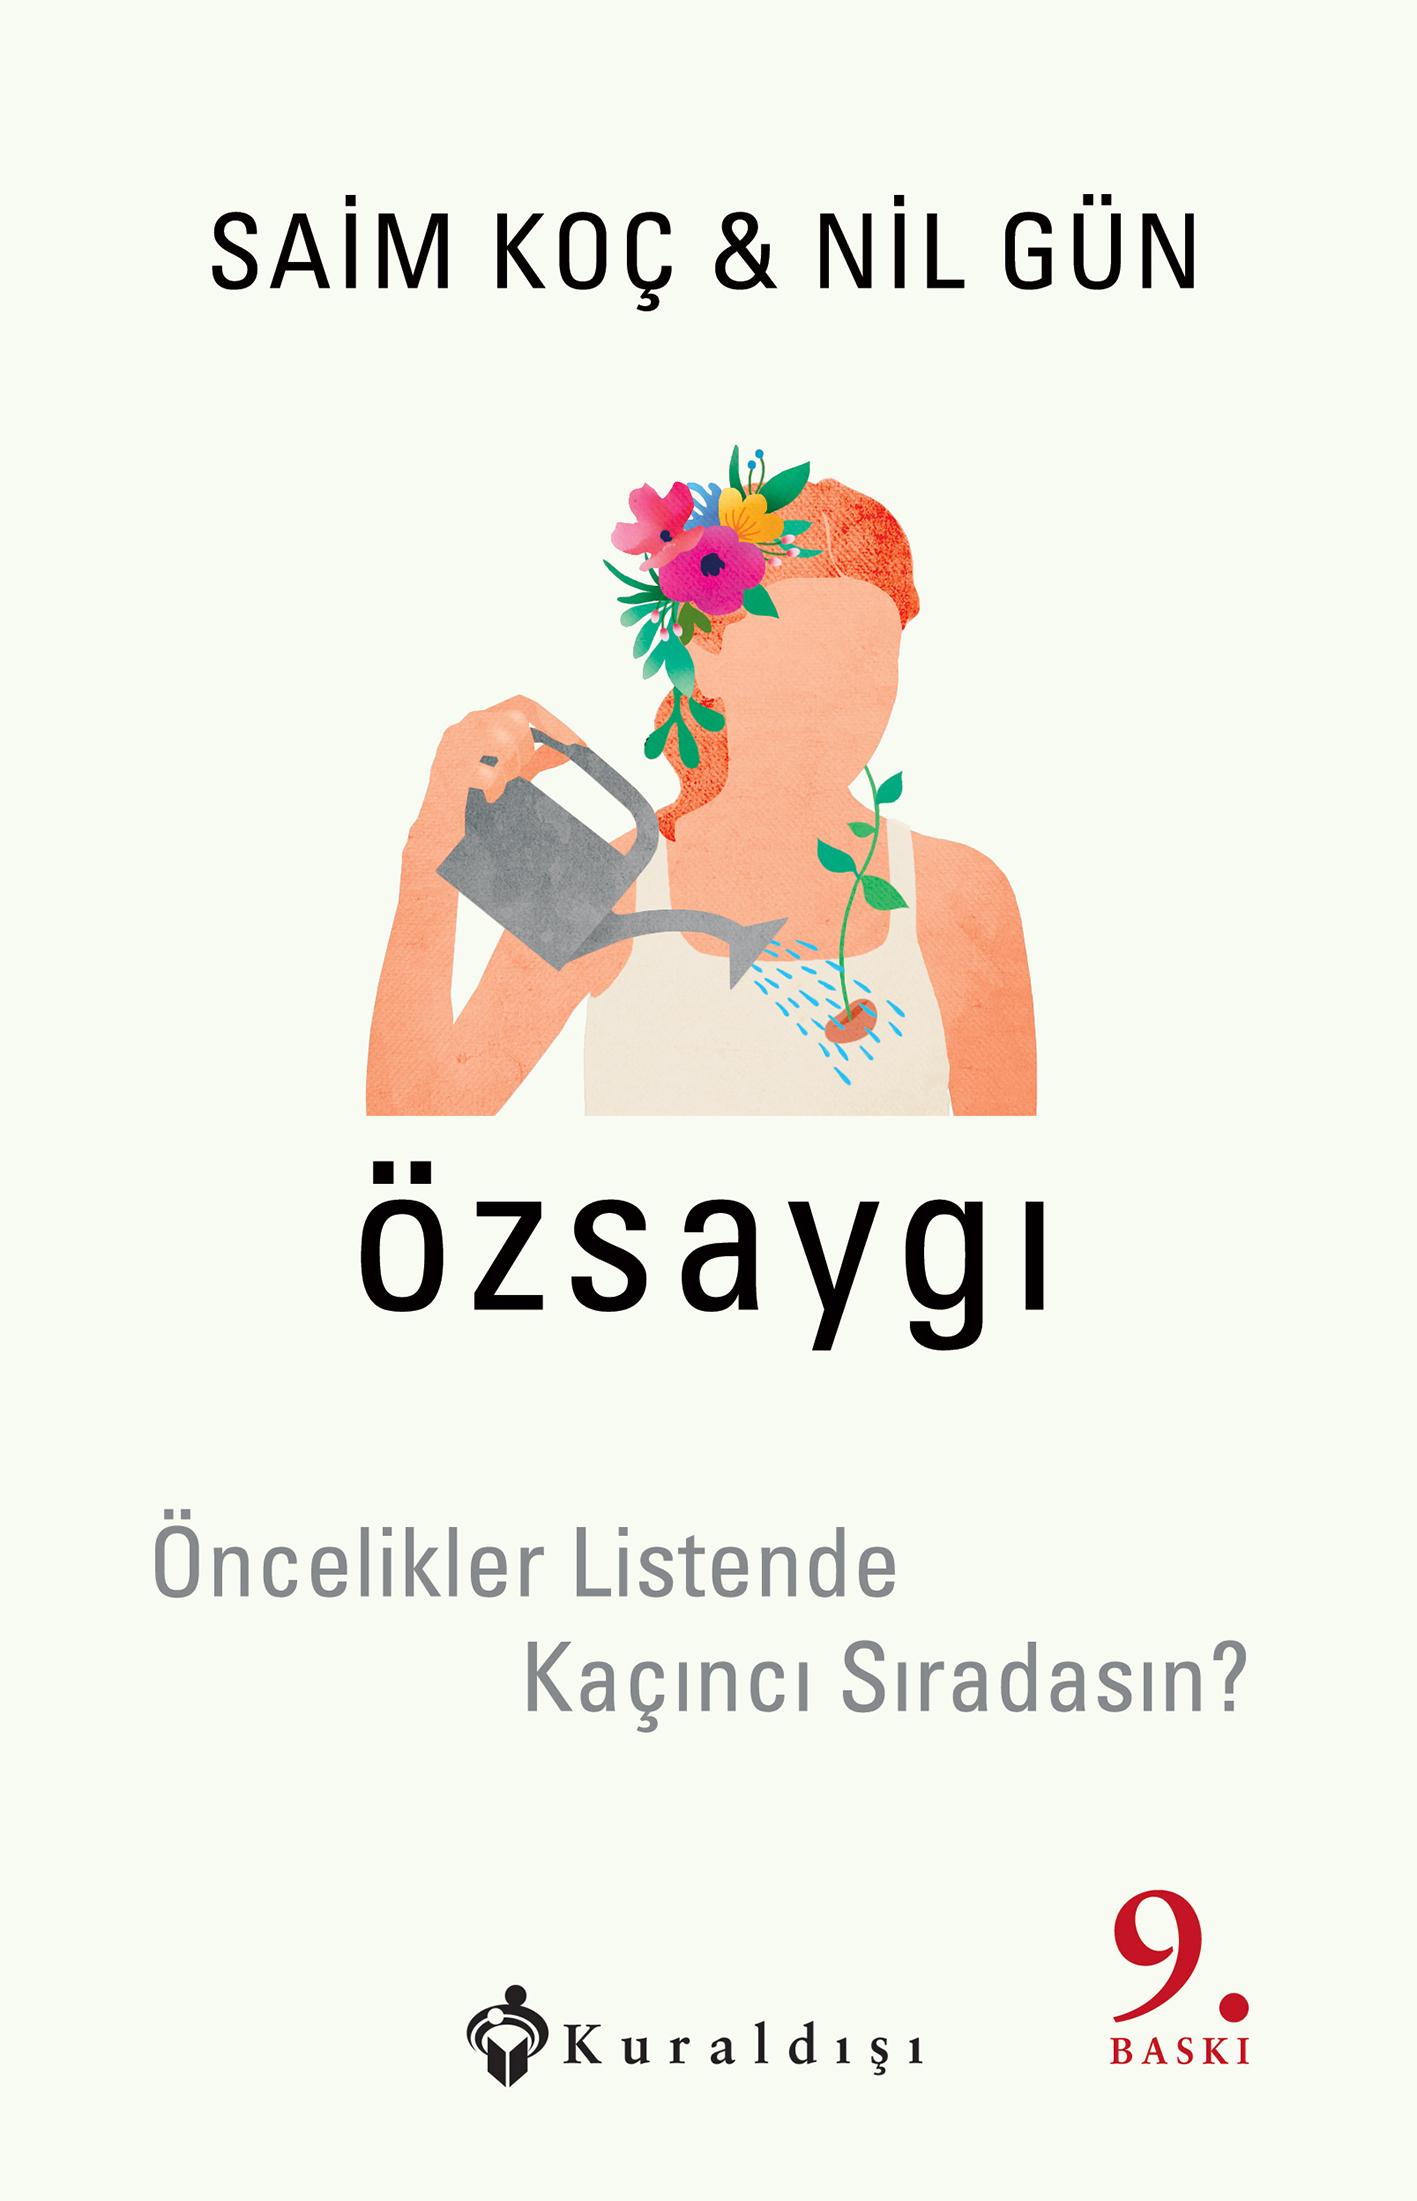 ozsaygi